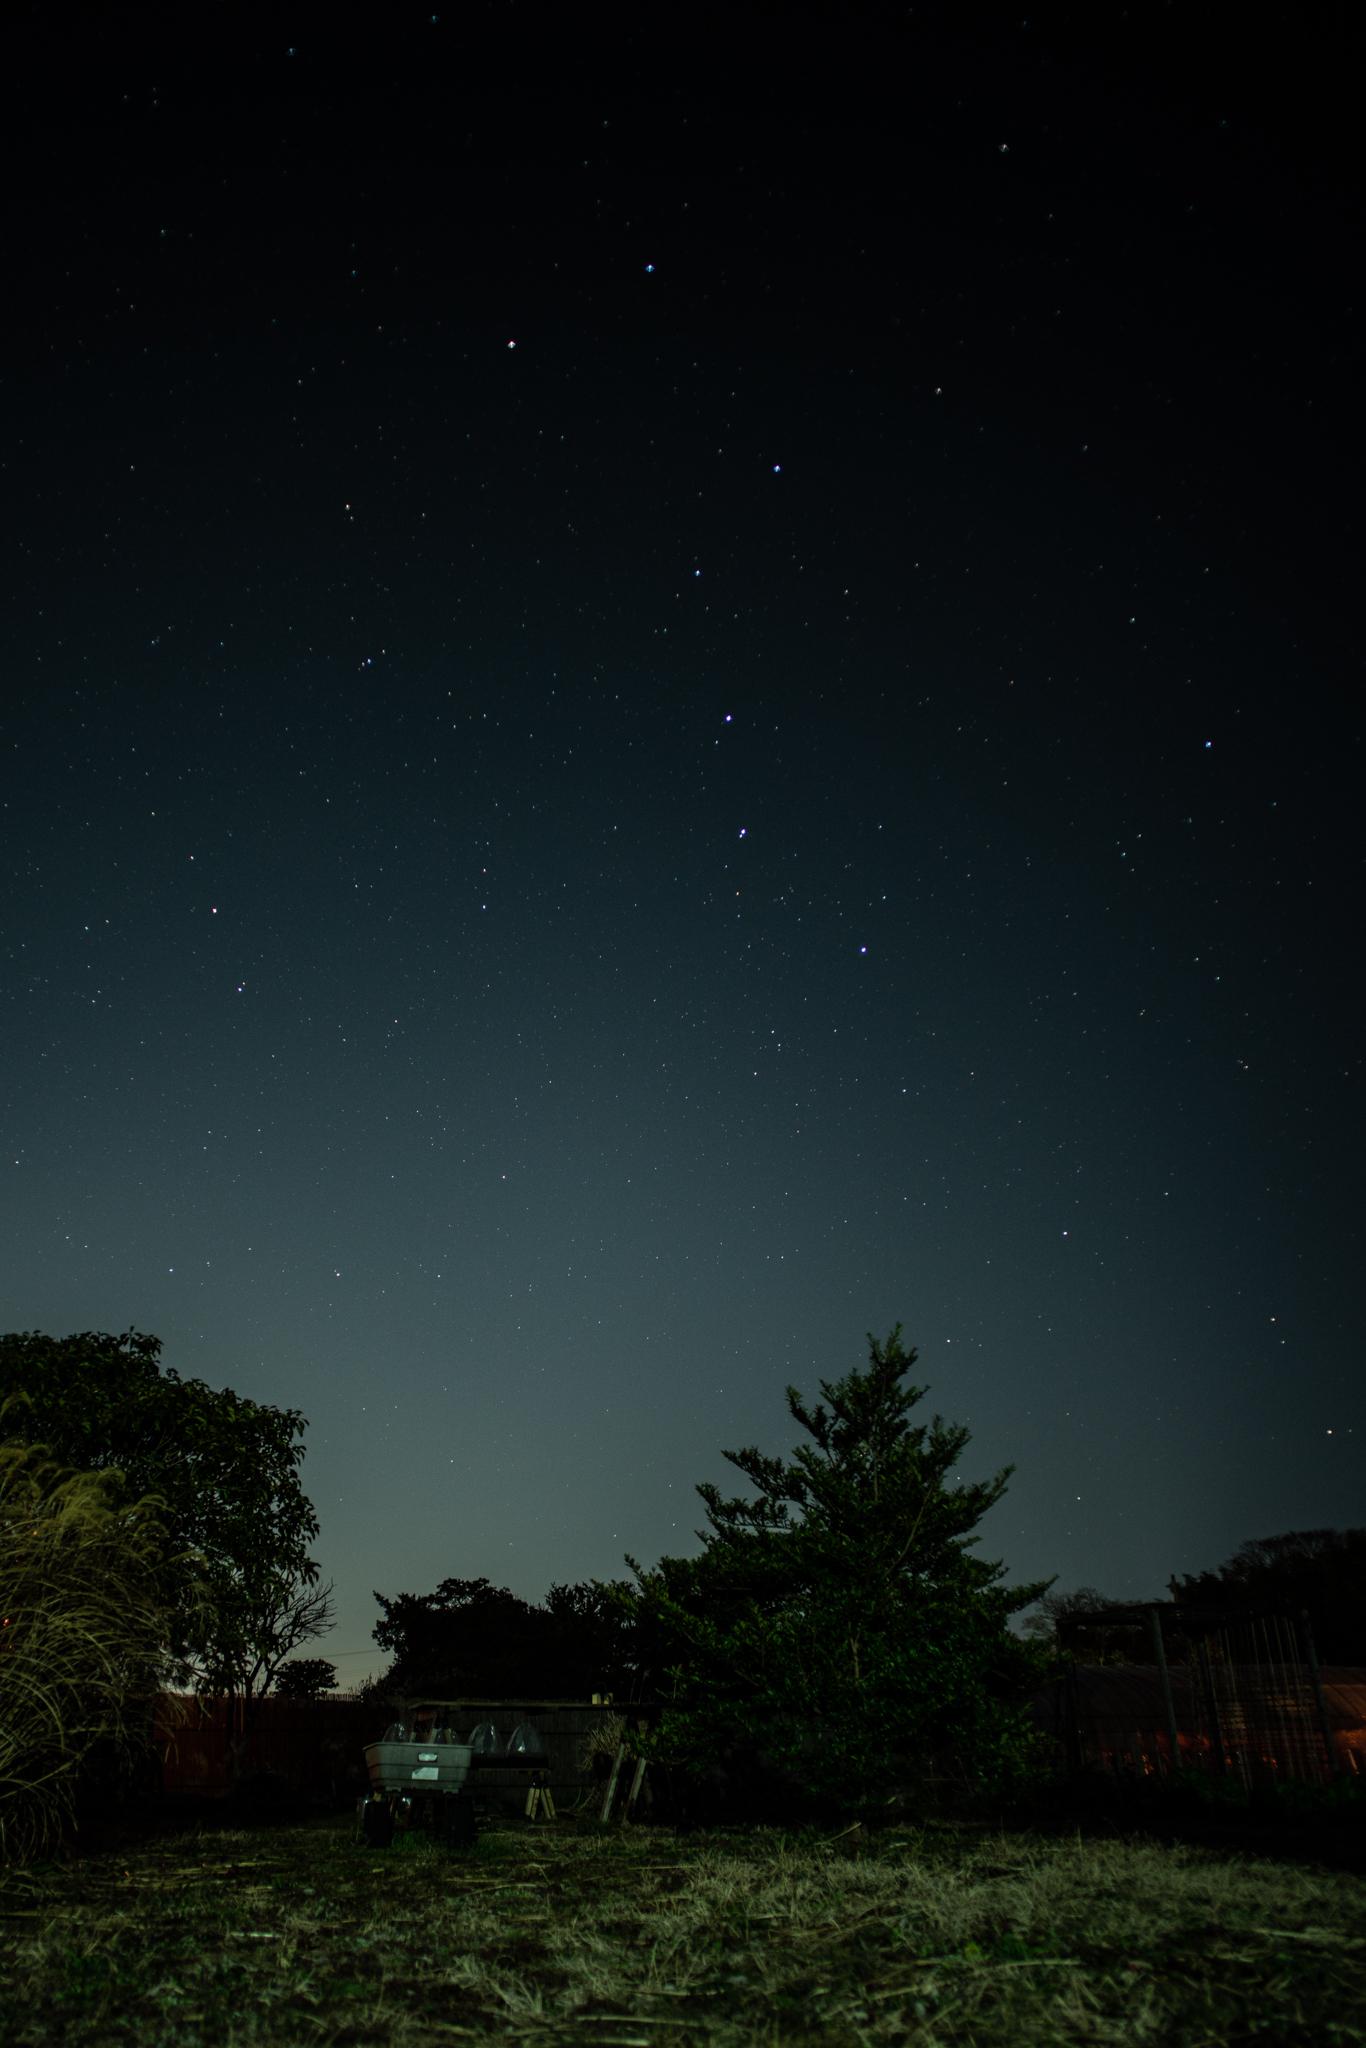 新月の星空 北斗七星